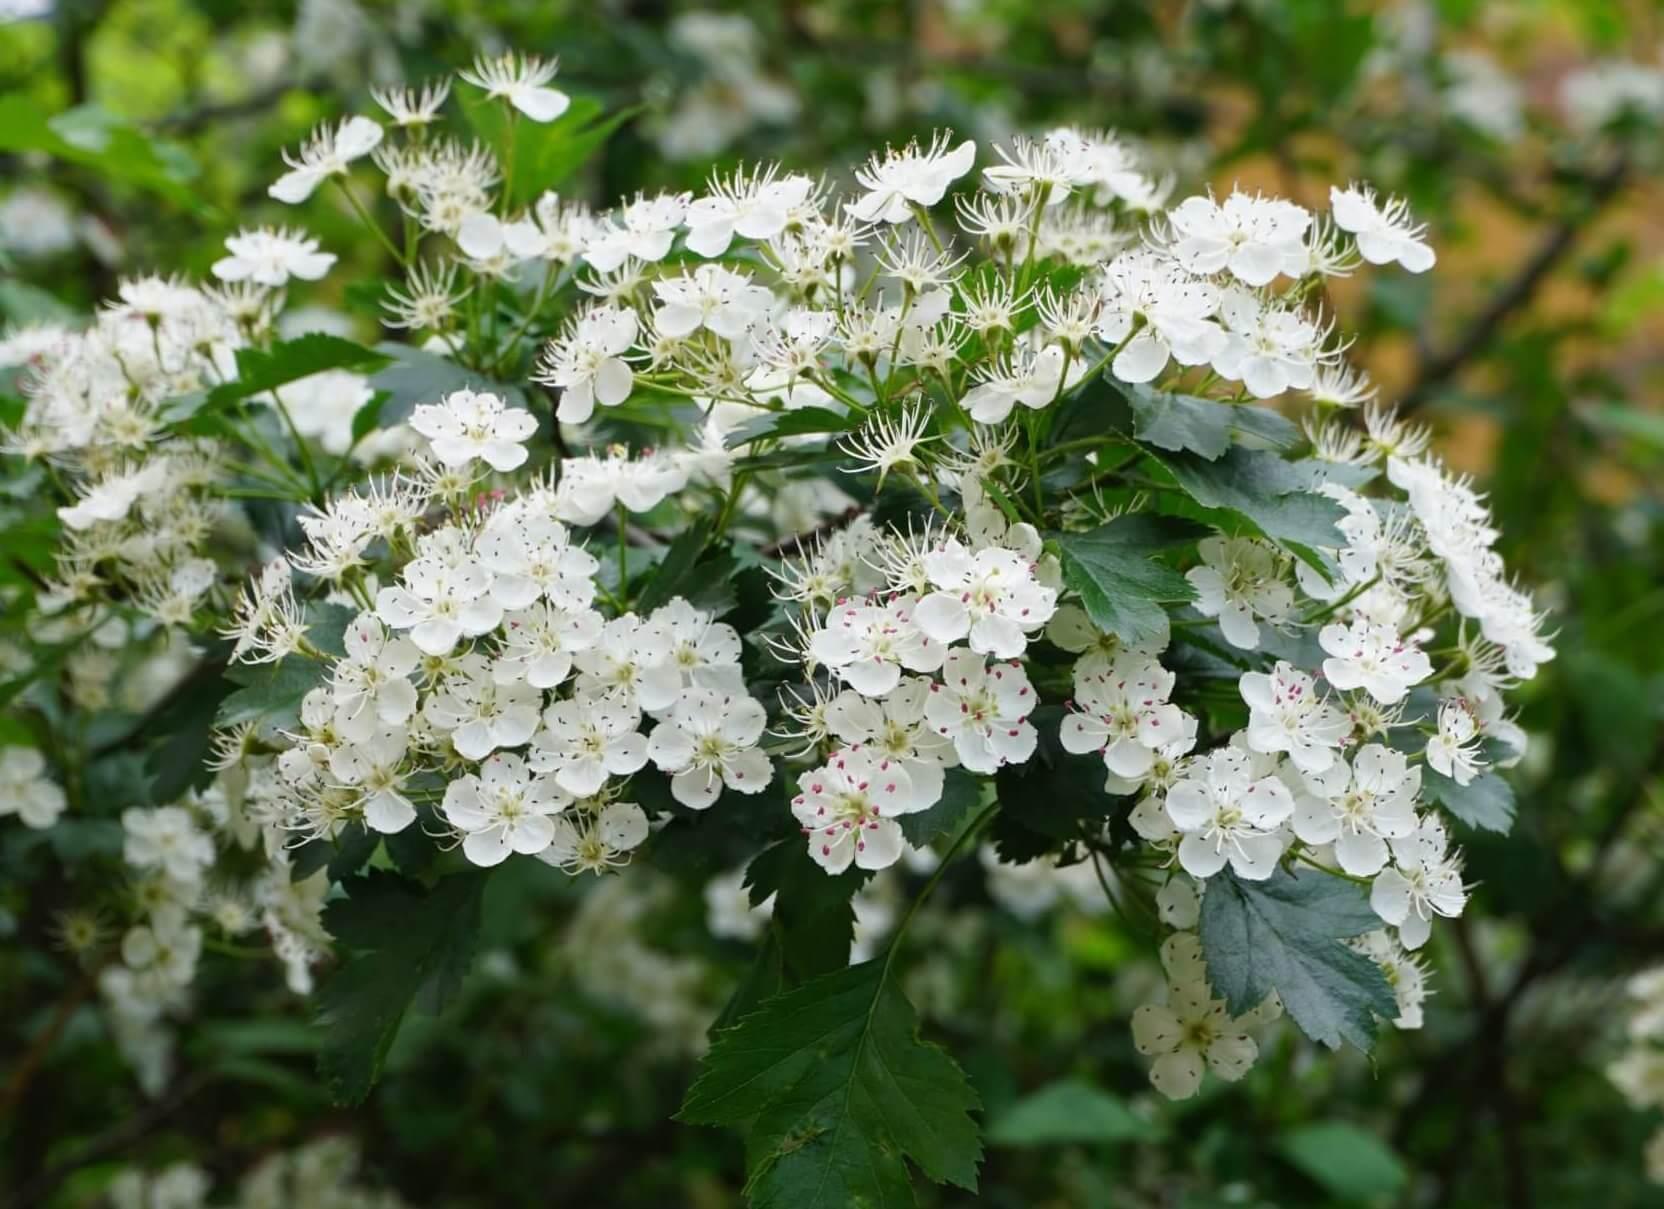 Das Bild zeigt die weißen Blüten des Weißdorns an einem Strauch im Kosmosviertel im Mai.